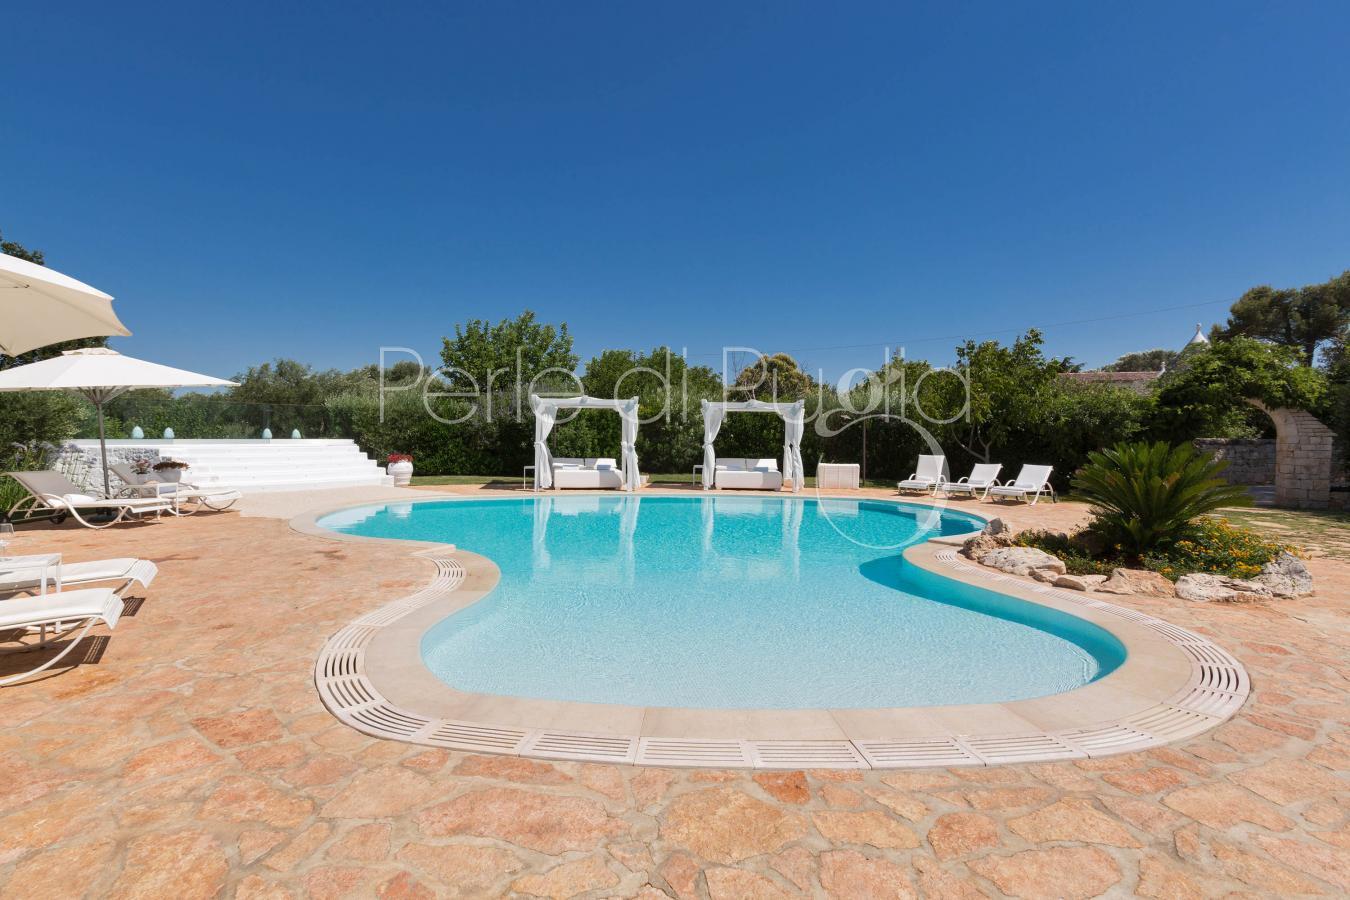 Trullo dei messapi villa di lusso con piscina e jacuzzi for Piscina di lusso